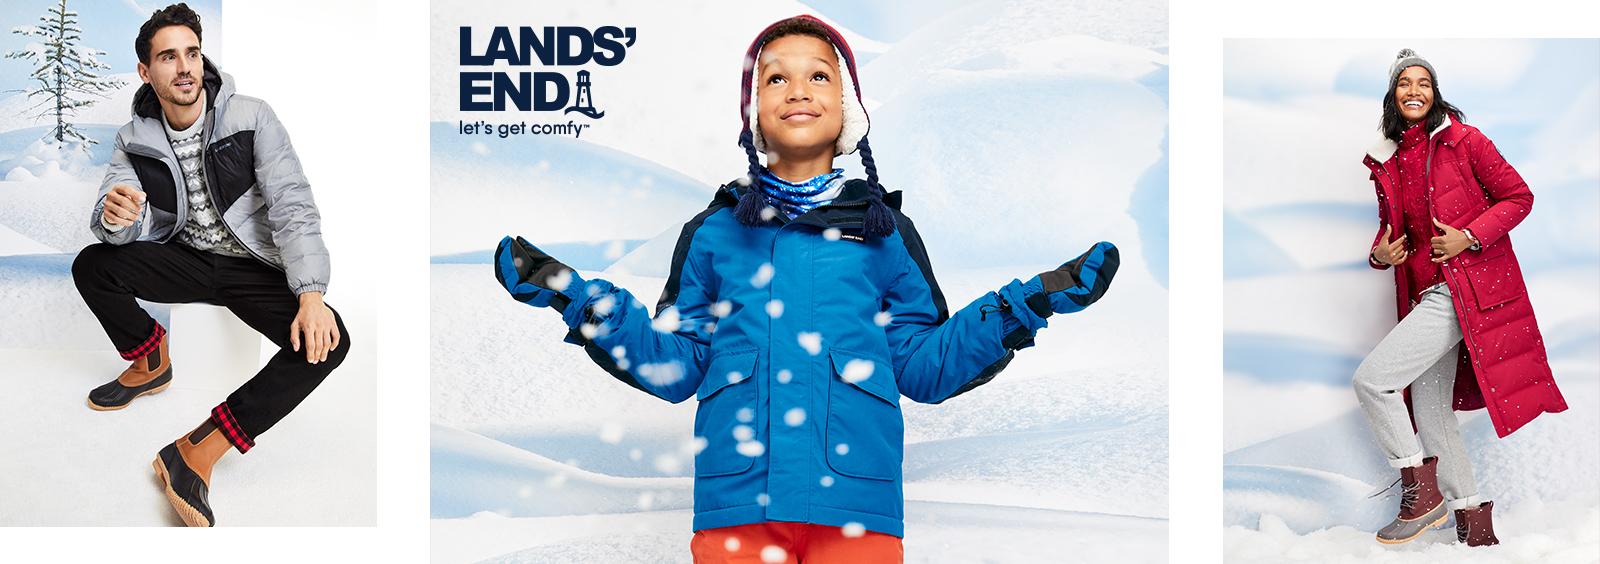 Best Outdoor Activities for Colder Weather